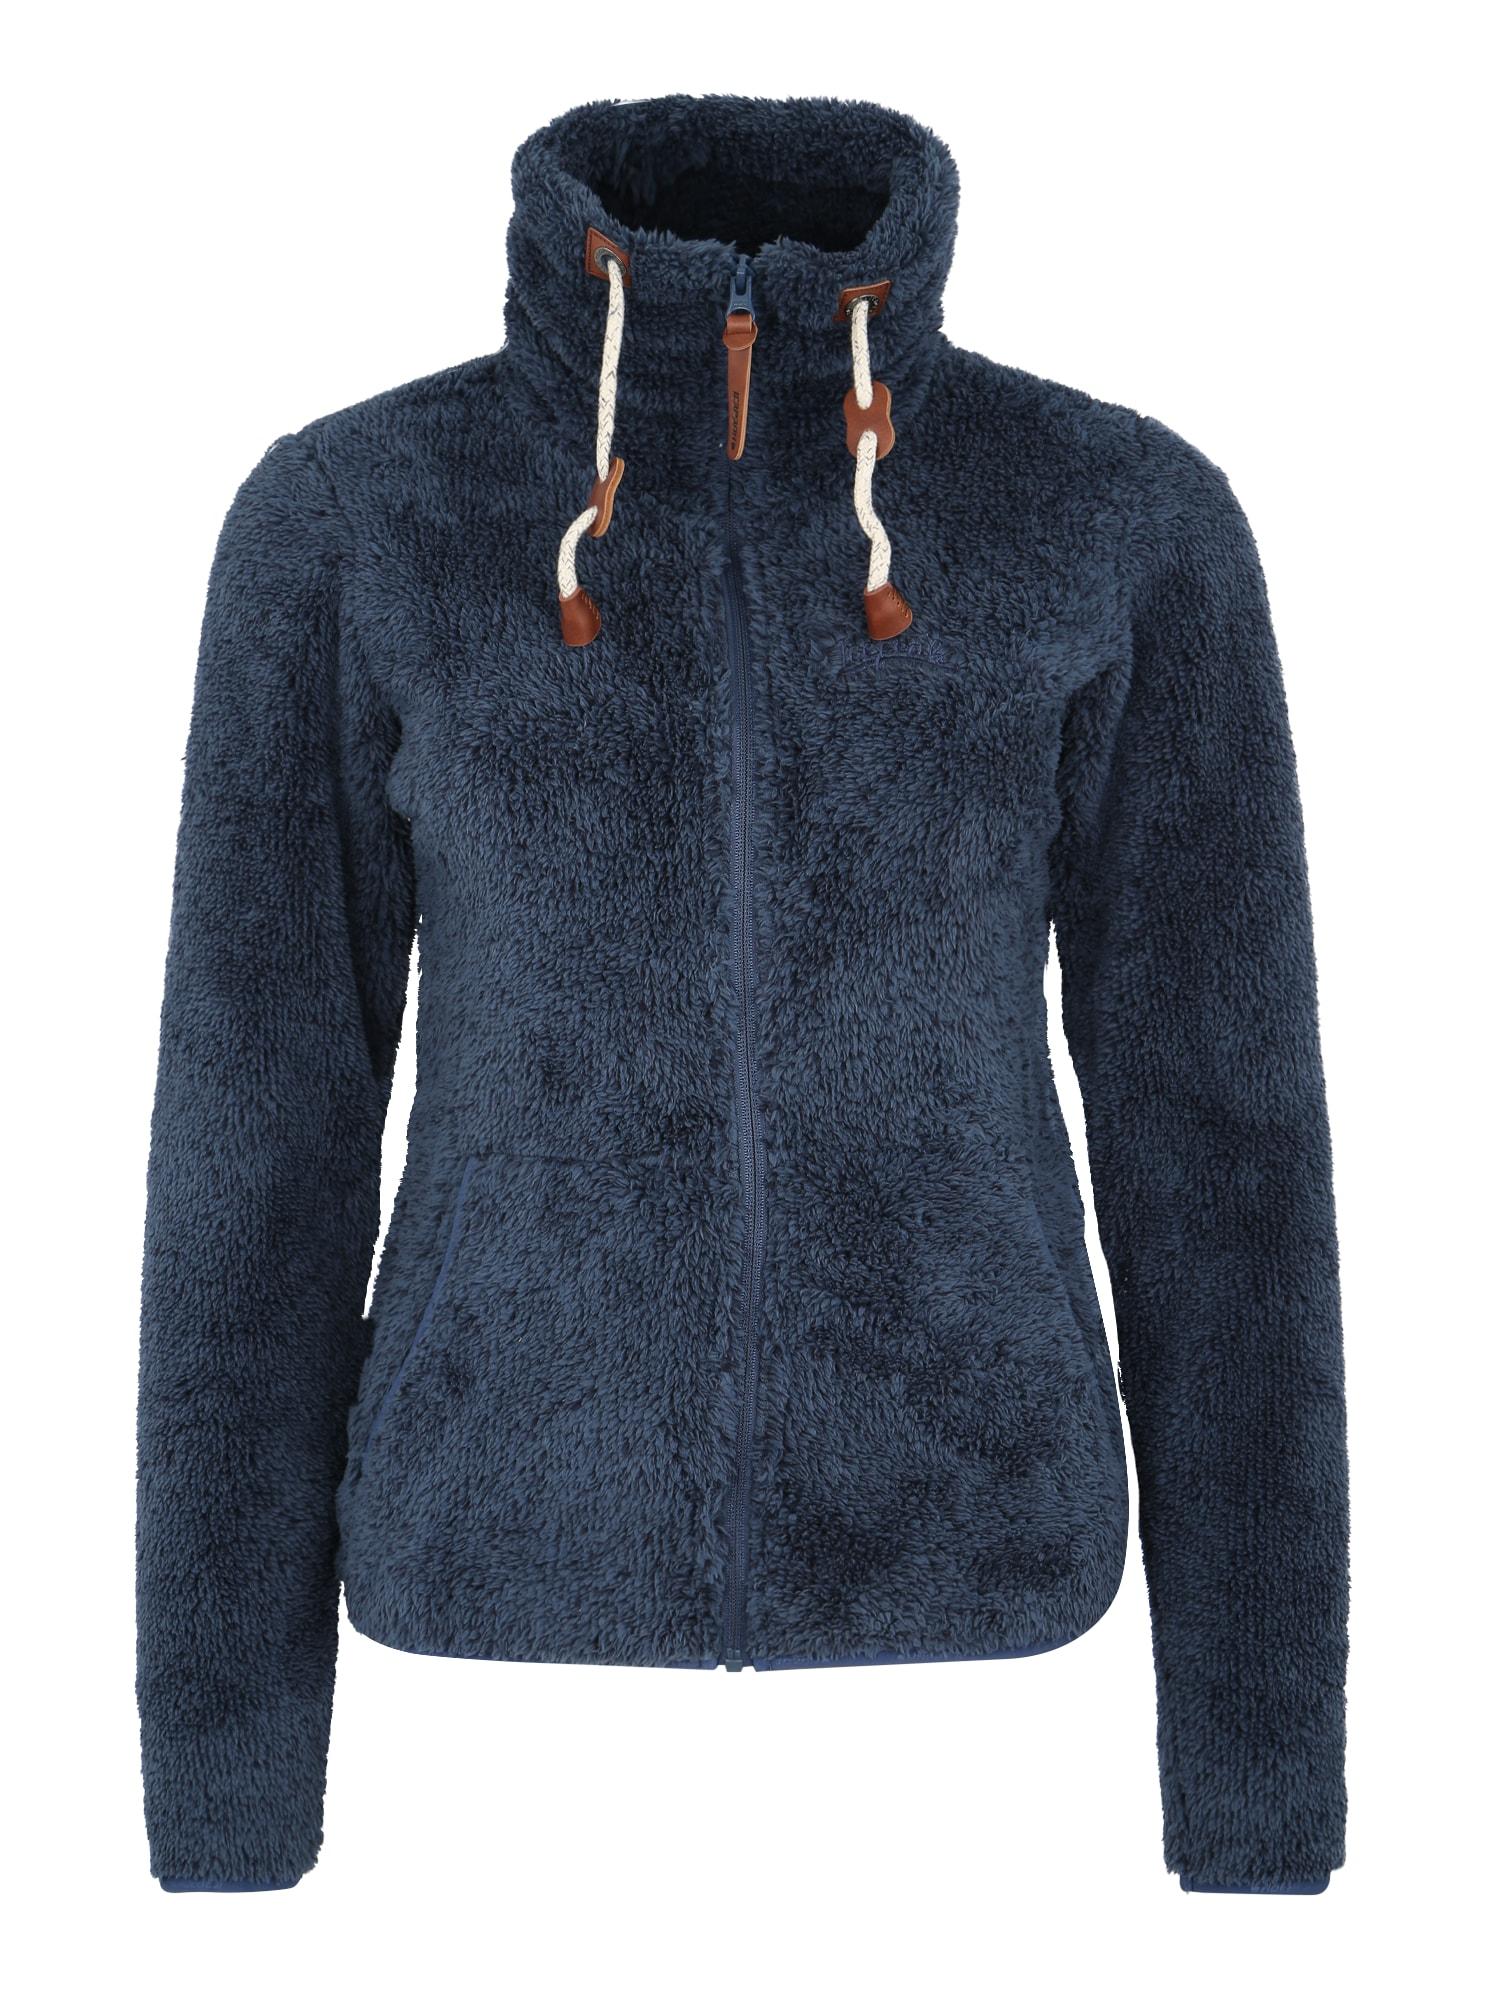 Sportovní bunda KARMEN námořnická modř ICEPEAK